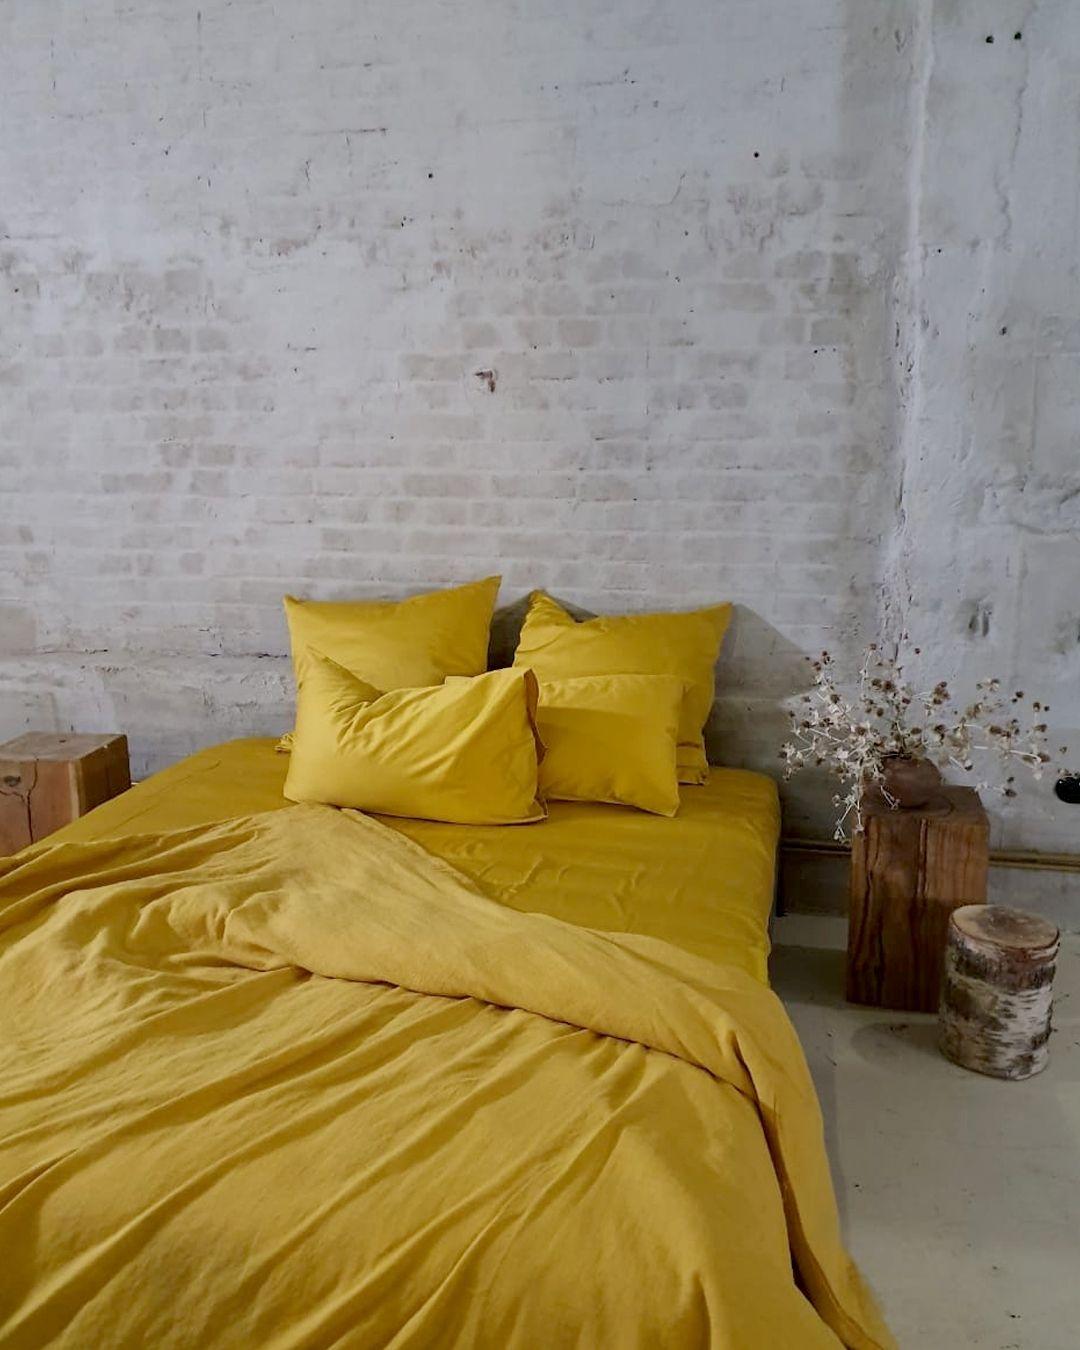 """Дизайнерский текстиль для дома on Instagram: """"❓Однотонное постельное белье или с принтами? Что вы предпочитаете? ⠀ Пишите свое мнение в комментарии. А в нашем каталоге вы сможете…"""""""